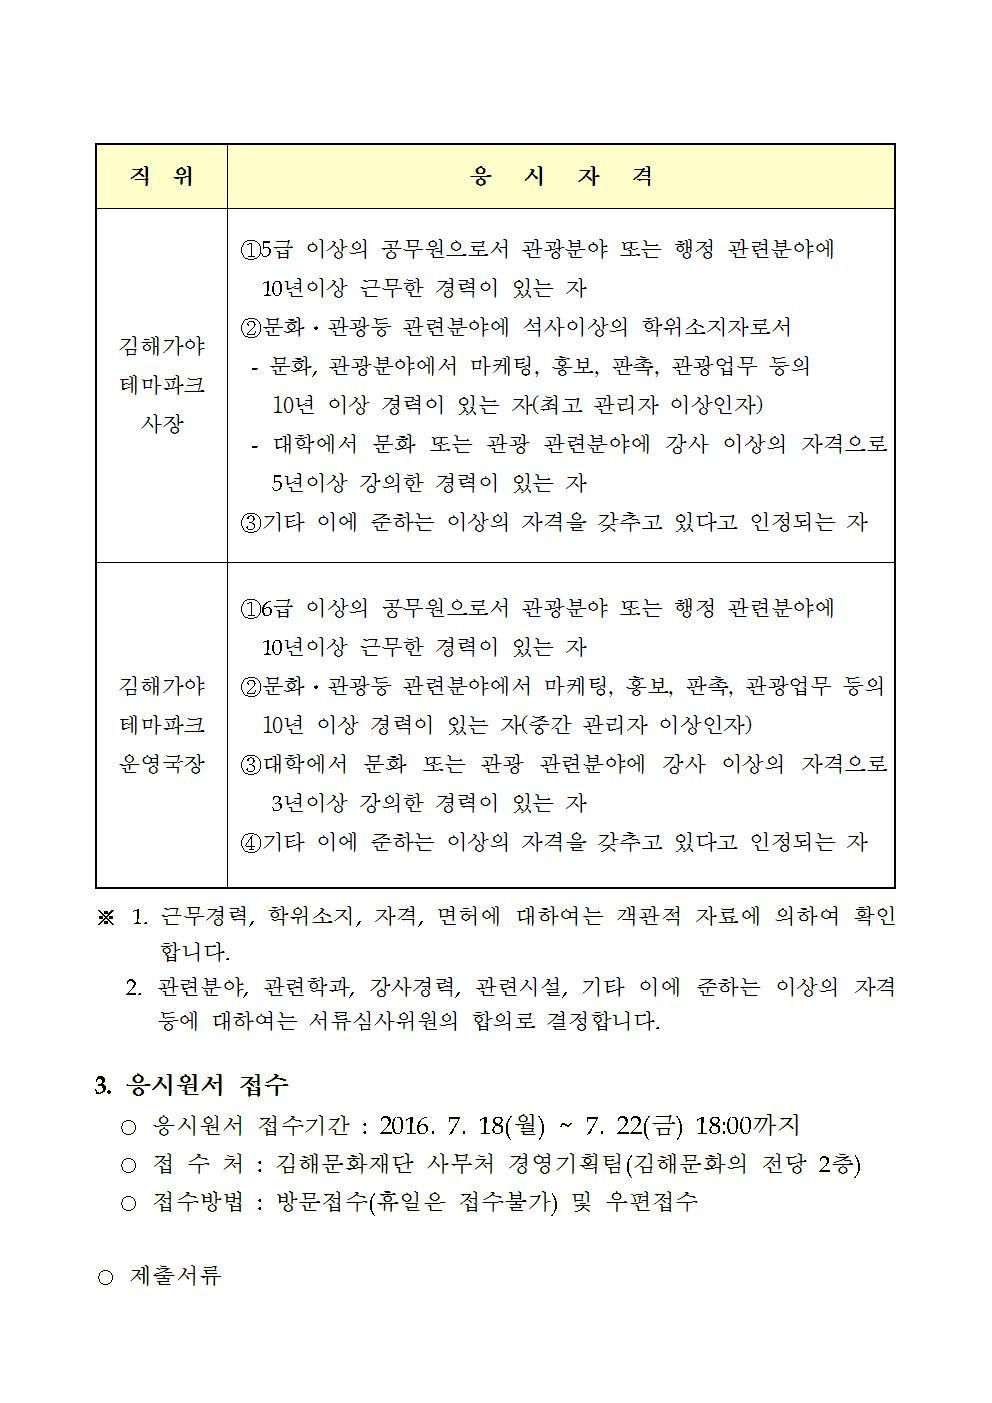 위촉직(테마파크 사장 및 운영국장) 채용공고002